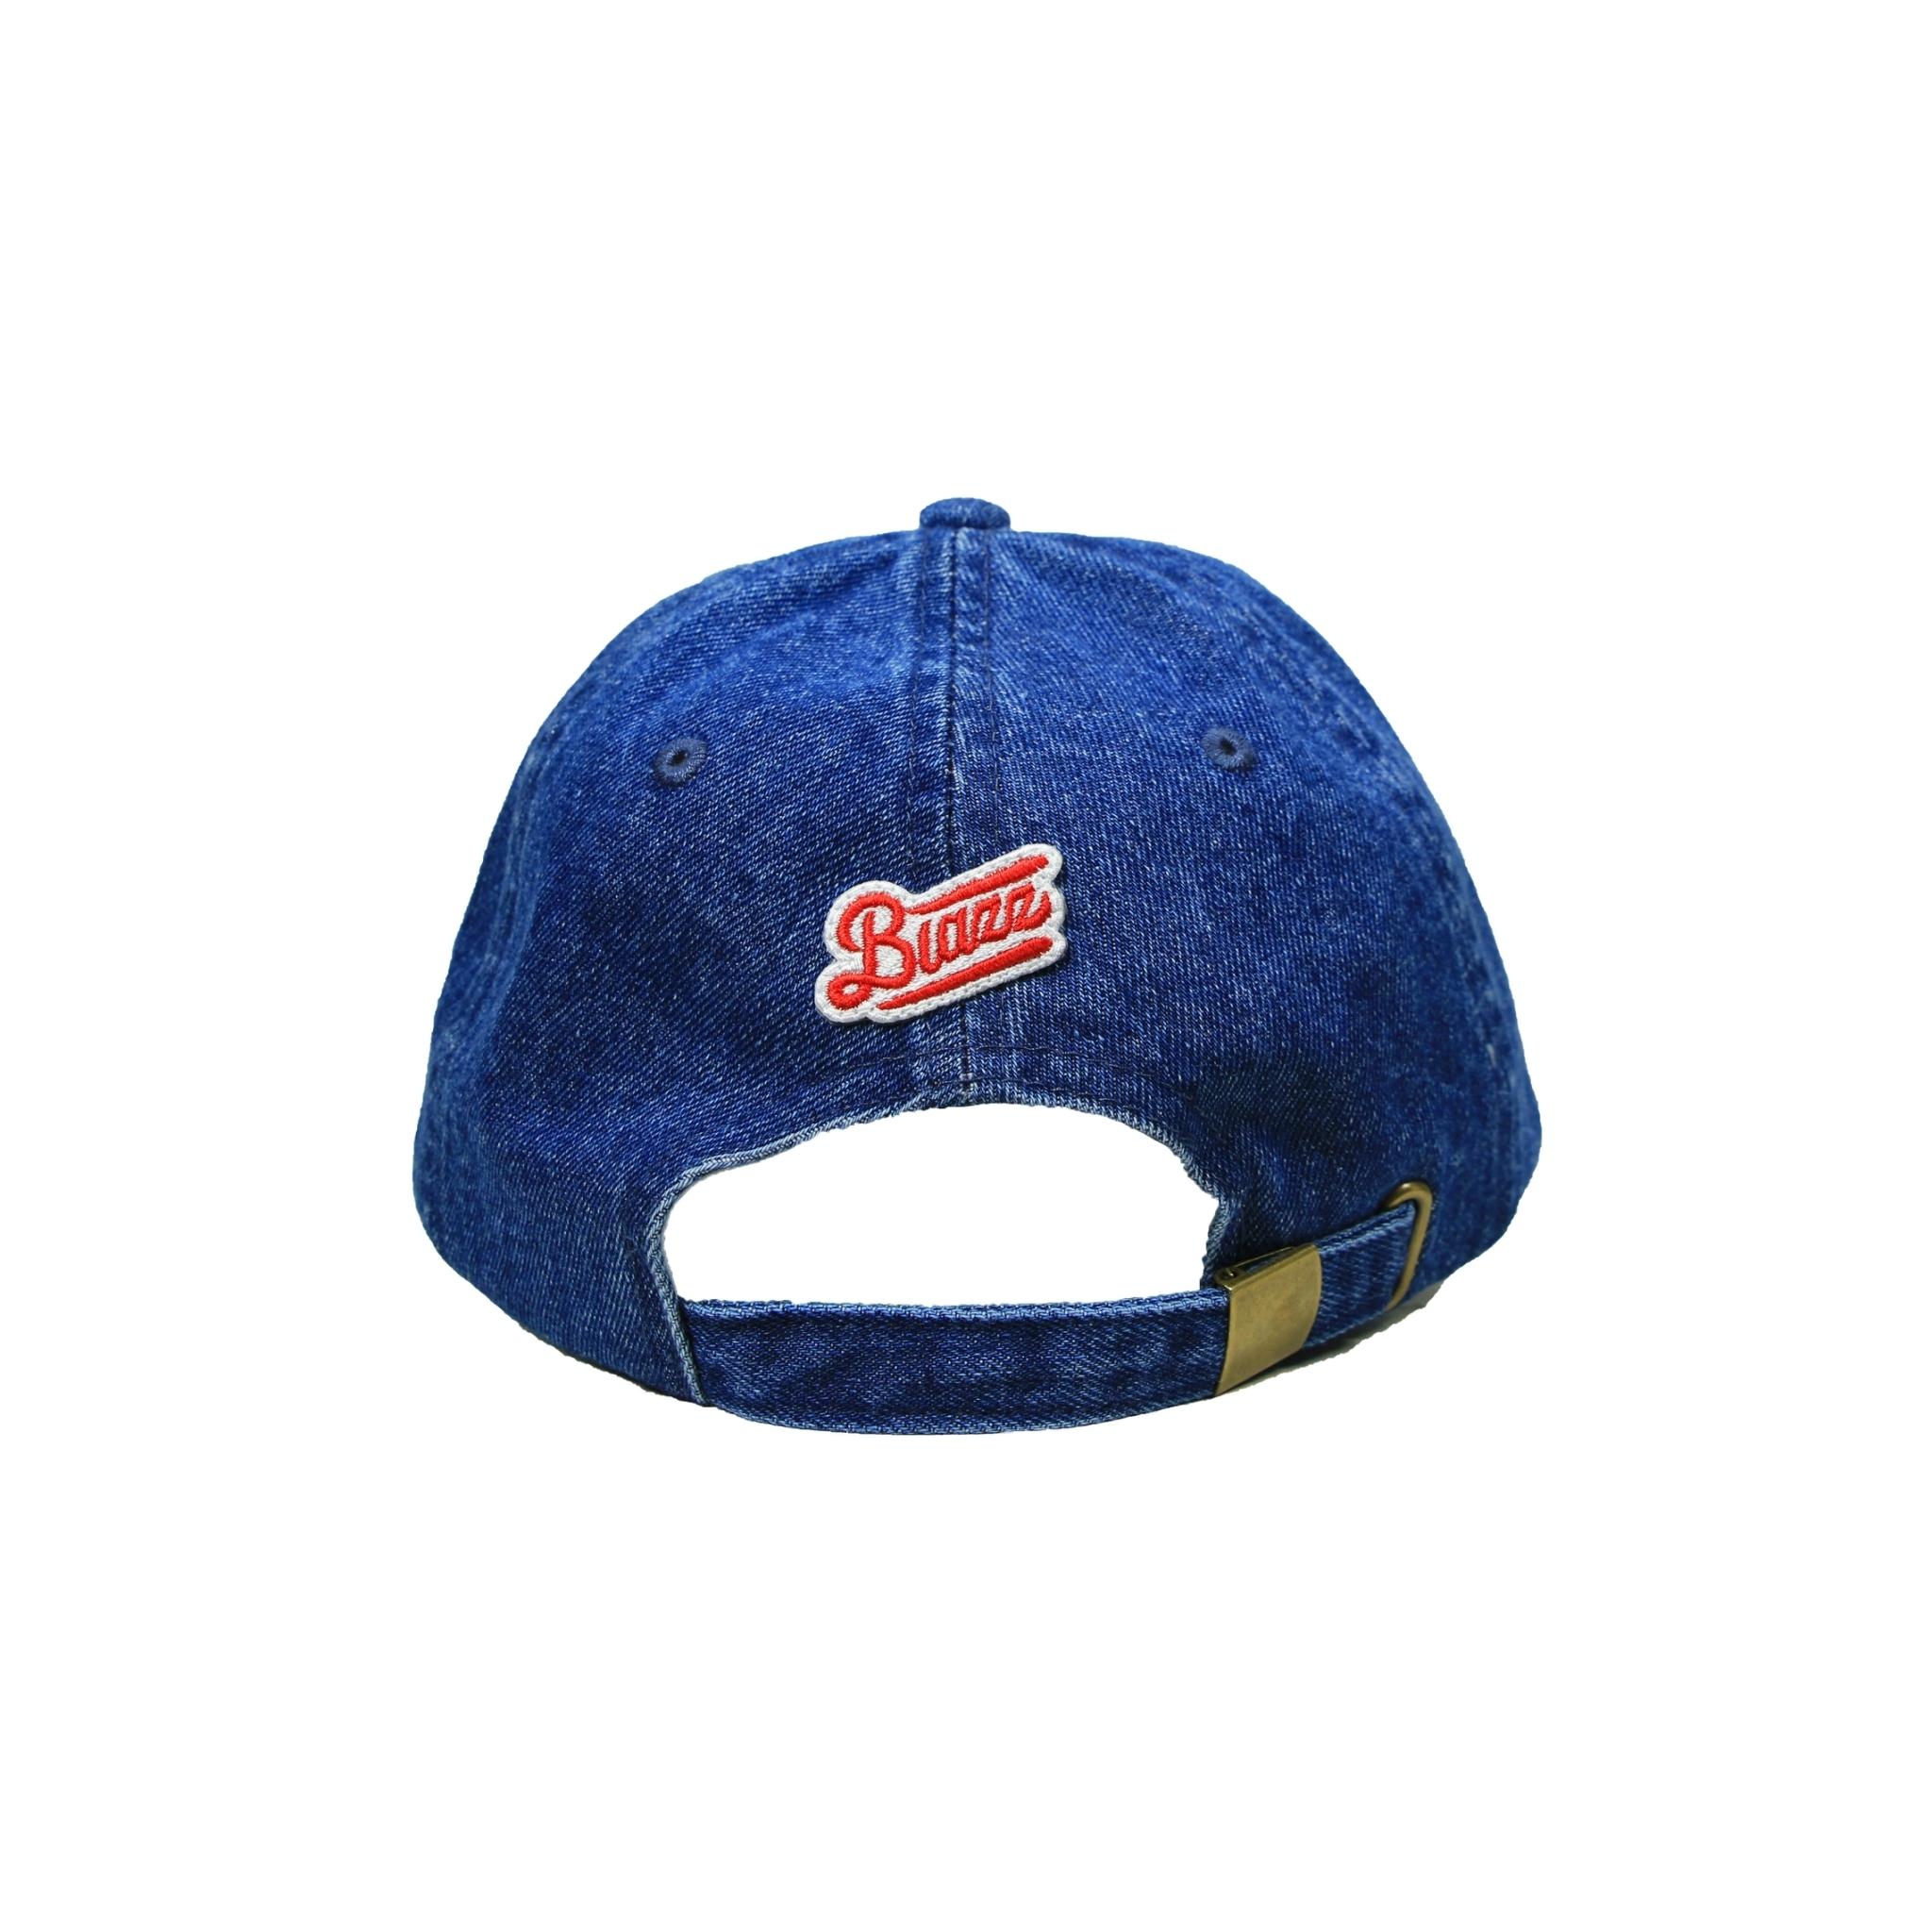 MINI LOGO DENIM WASH CAP [DARK BLUE]